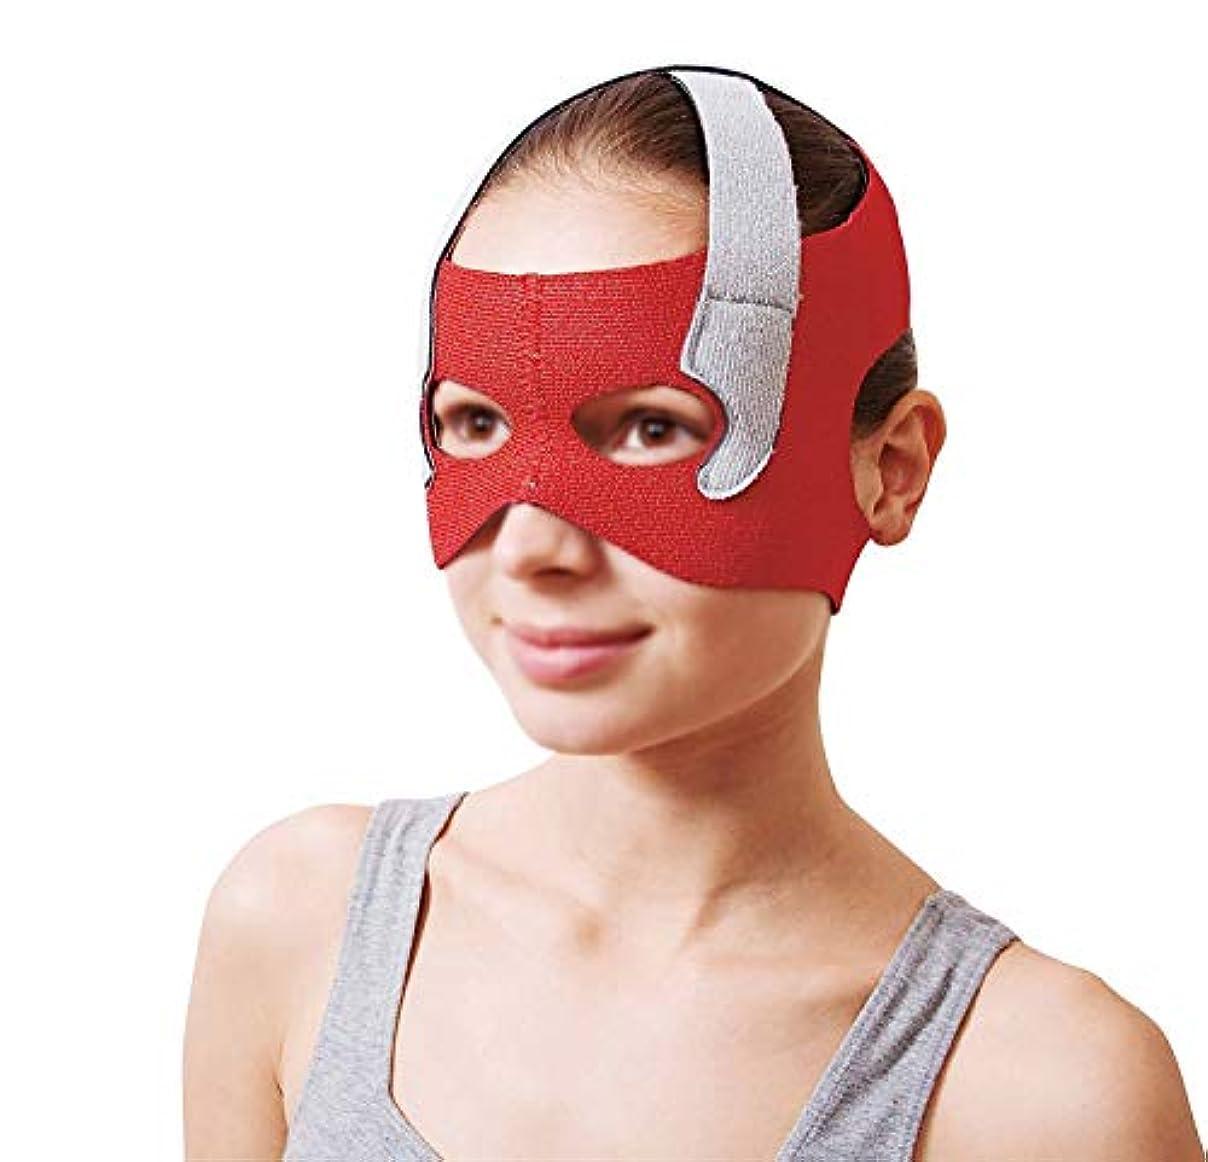 チューリップ行う存在するフェイスリフトマスク、回復ポスト包帯ヘッドギアフェイスマスクフェイス薄いフェイスマスクアーティファクト美容ベルトフェイスとネックリフトフェイス円周57-68センチ